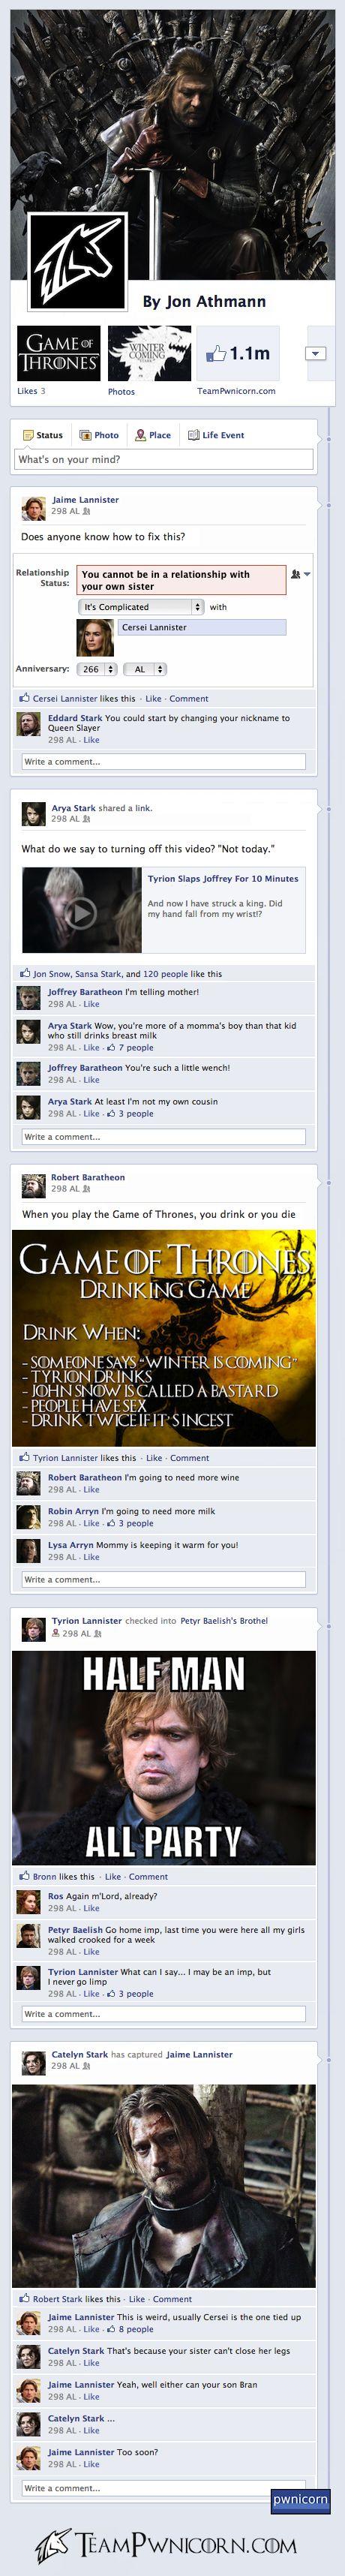 game of thrones facebook recap